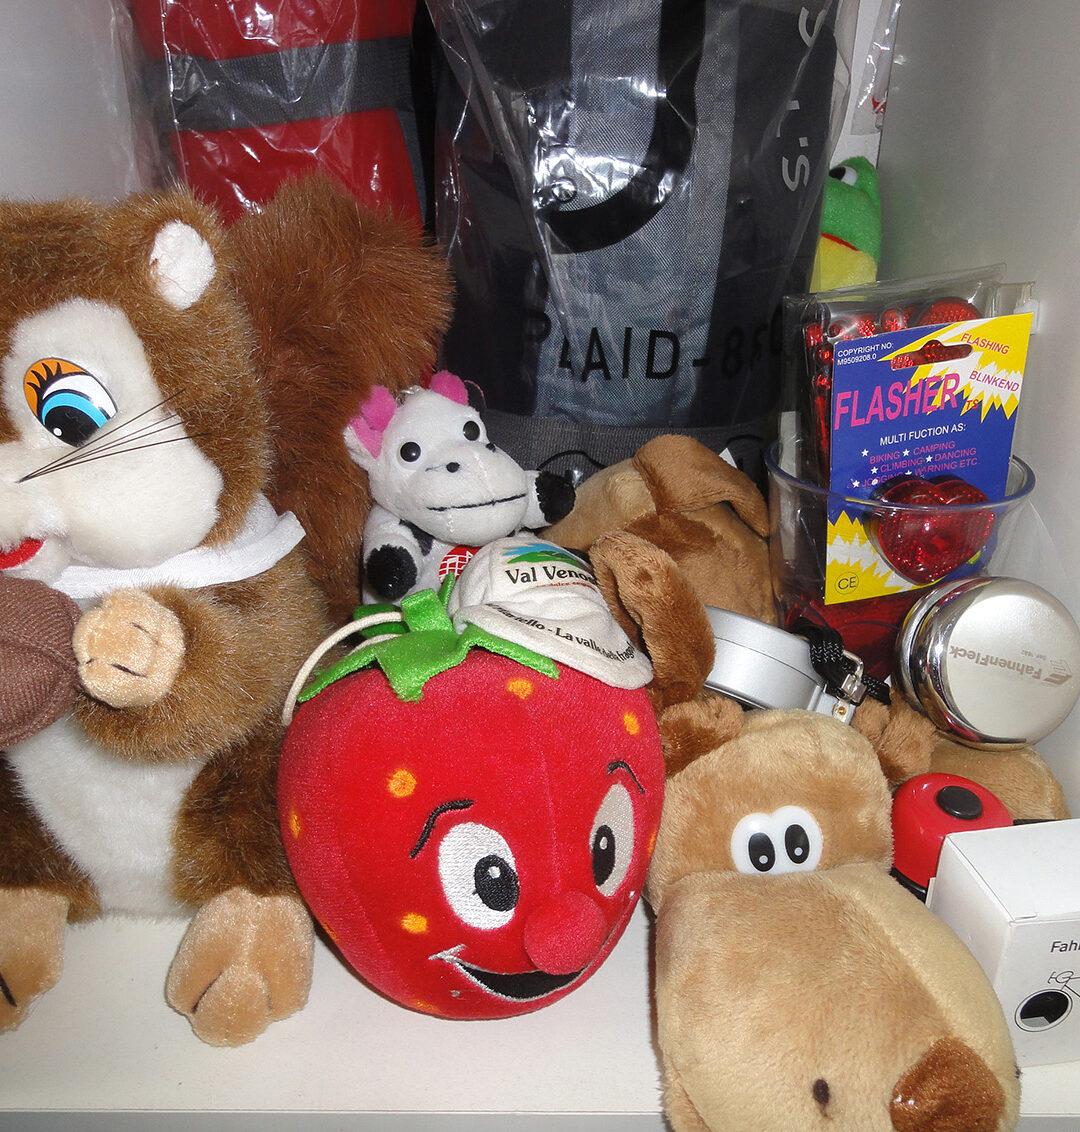 Plüschtiere und Spielzeug